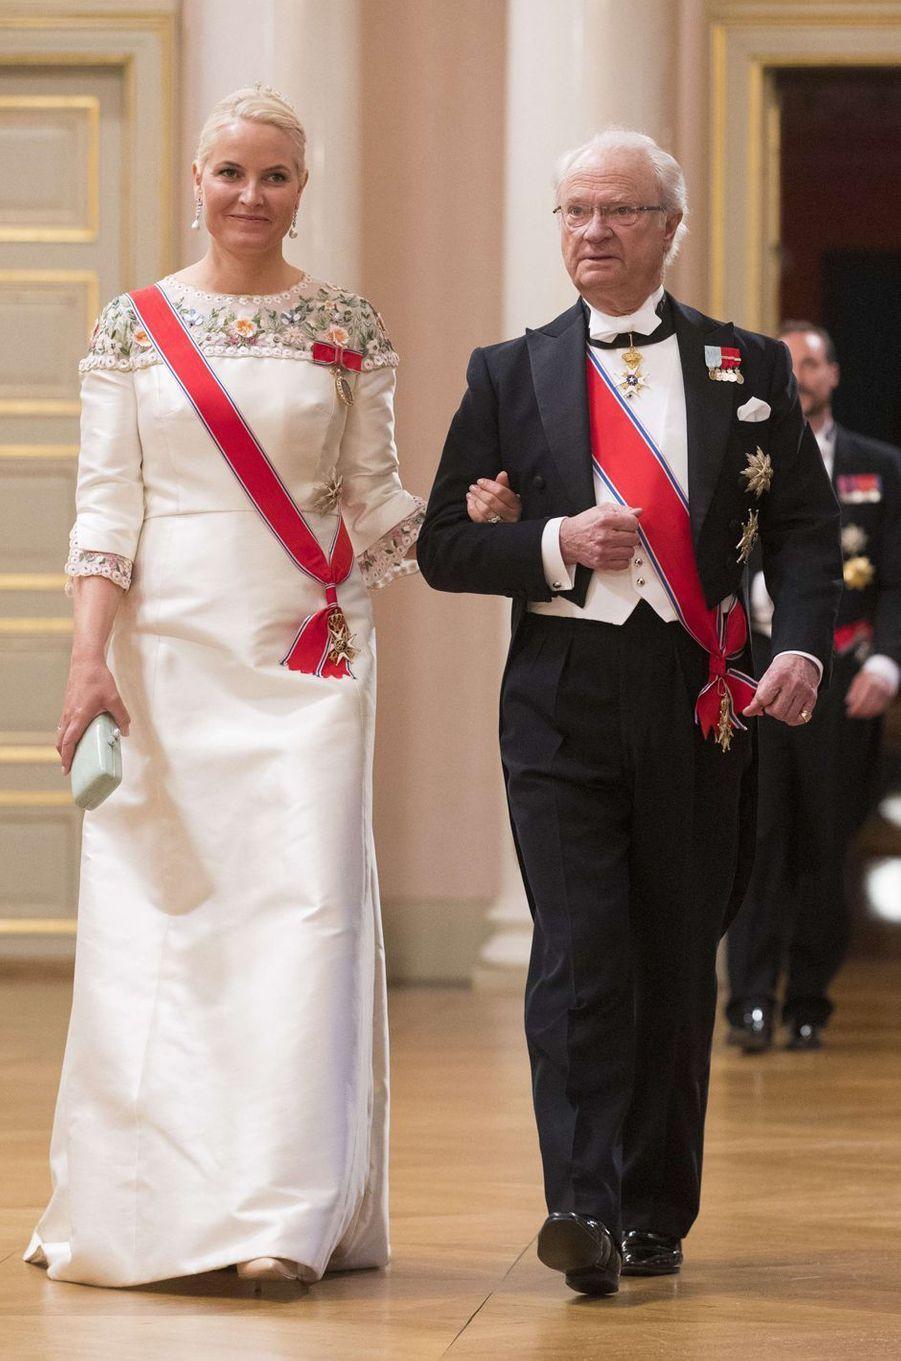 La princesse Mette-Marit de Norvège avec le roi Carl XVI Gustaf de Suède à Oslo, le 9 mai 2017